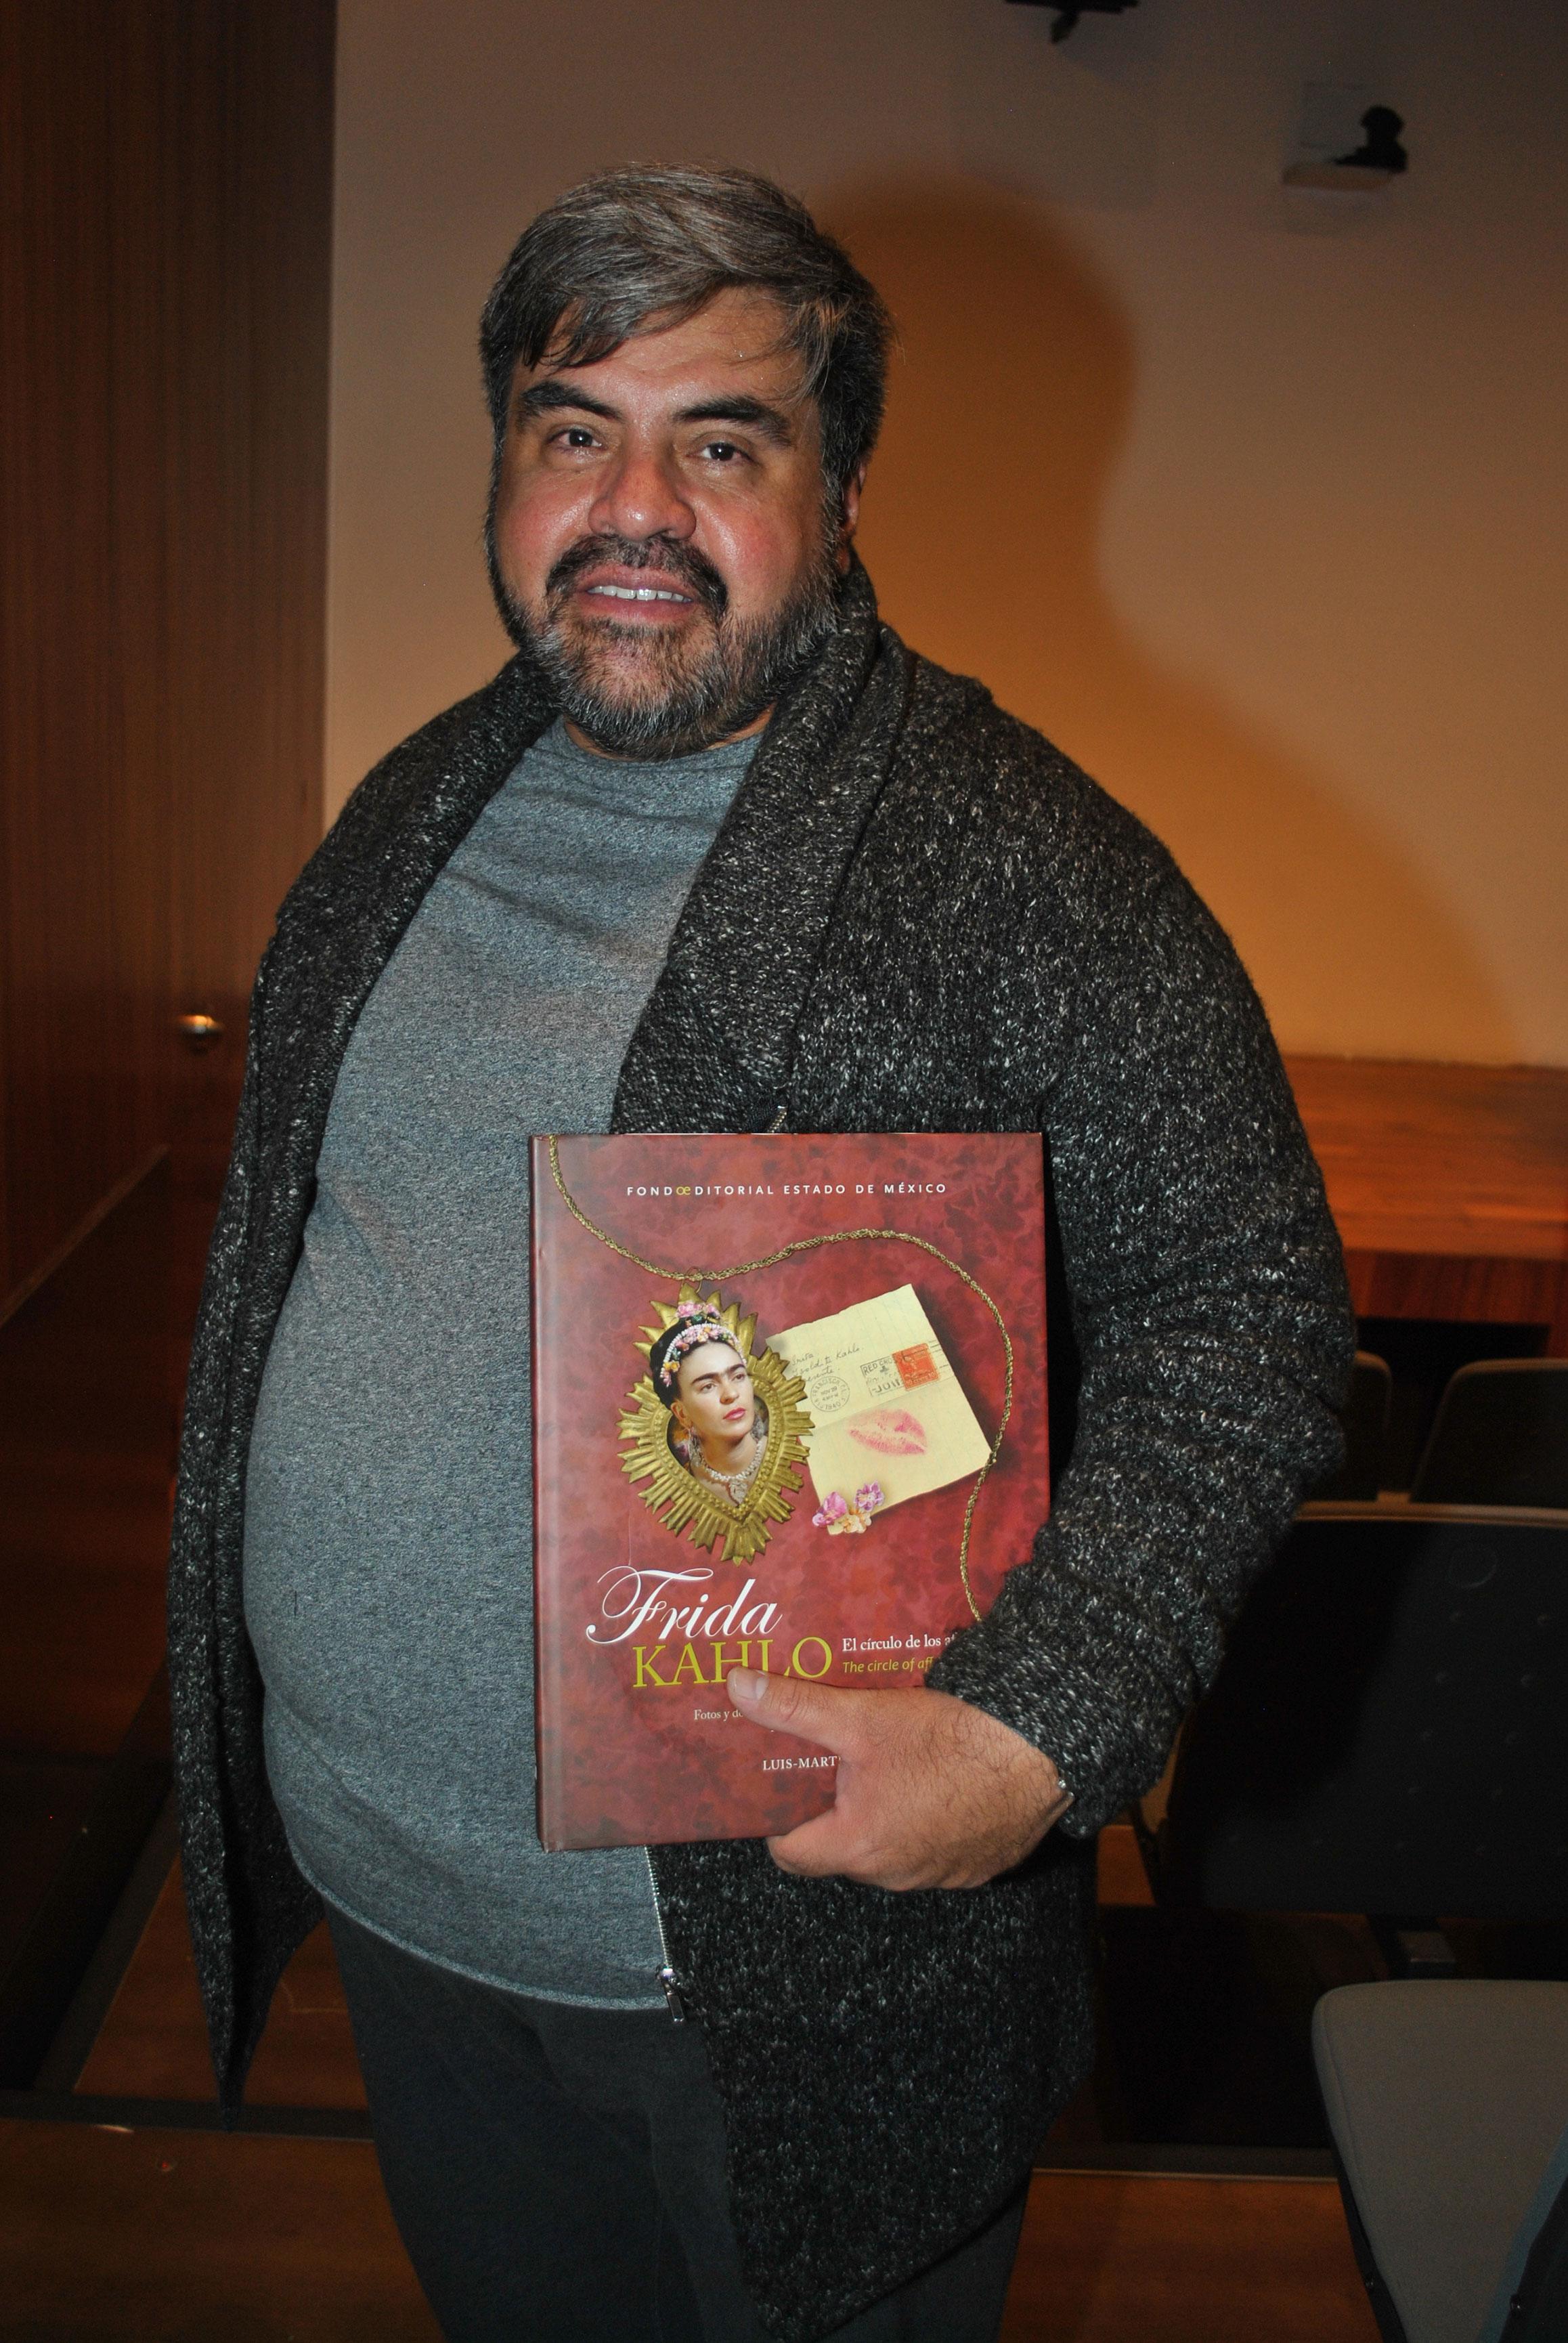 Luis Martín Lozano es el autor del libro Frida Kahlo. El círculo de los afectos